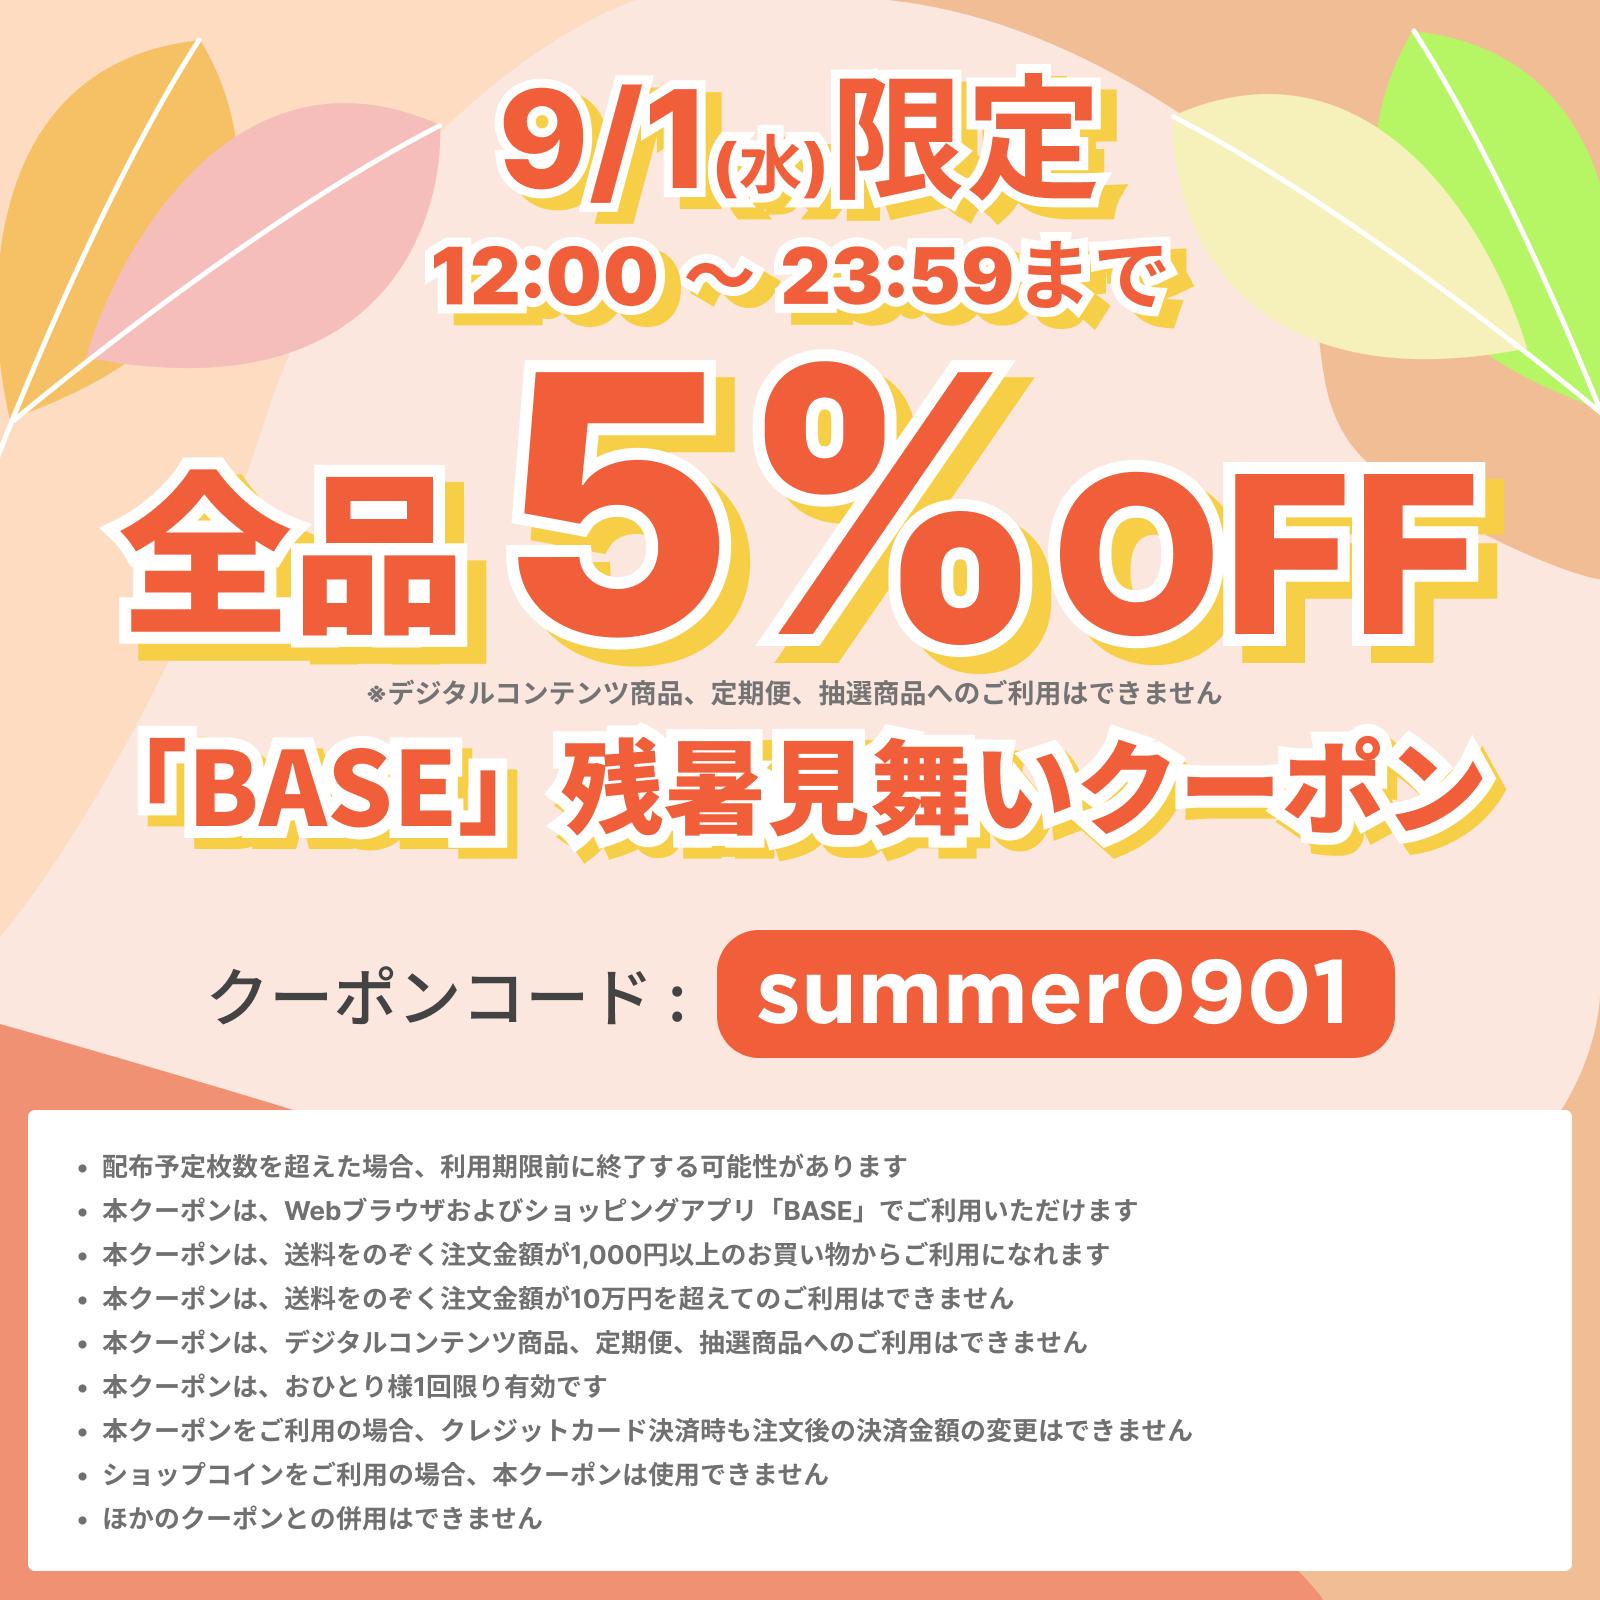 【9月1日(水)12:00〜23:59の12時間限定】残暑見舞い!5%OFFクーポンをプレゼント♪